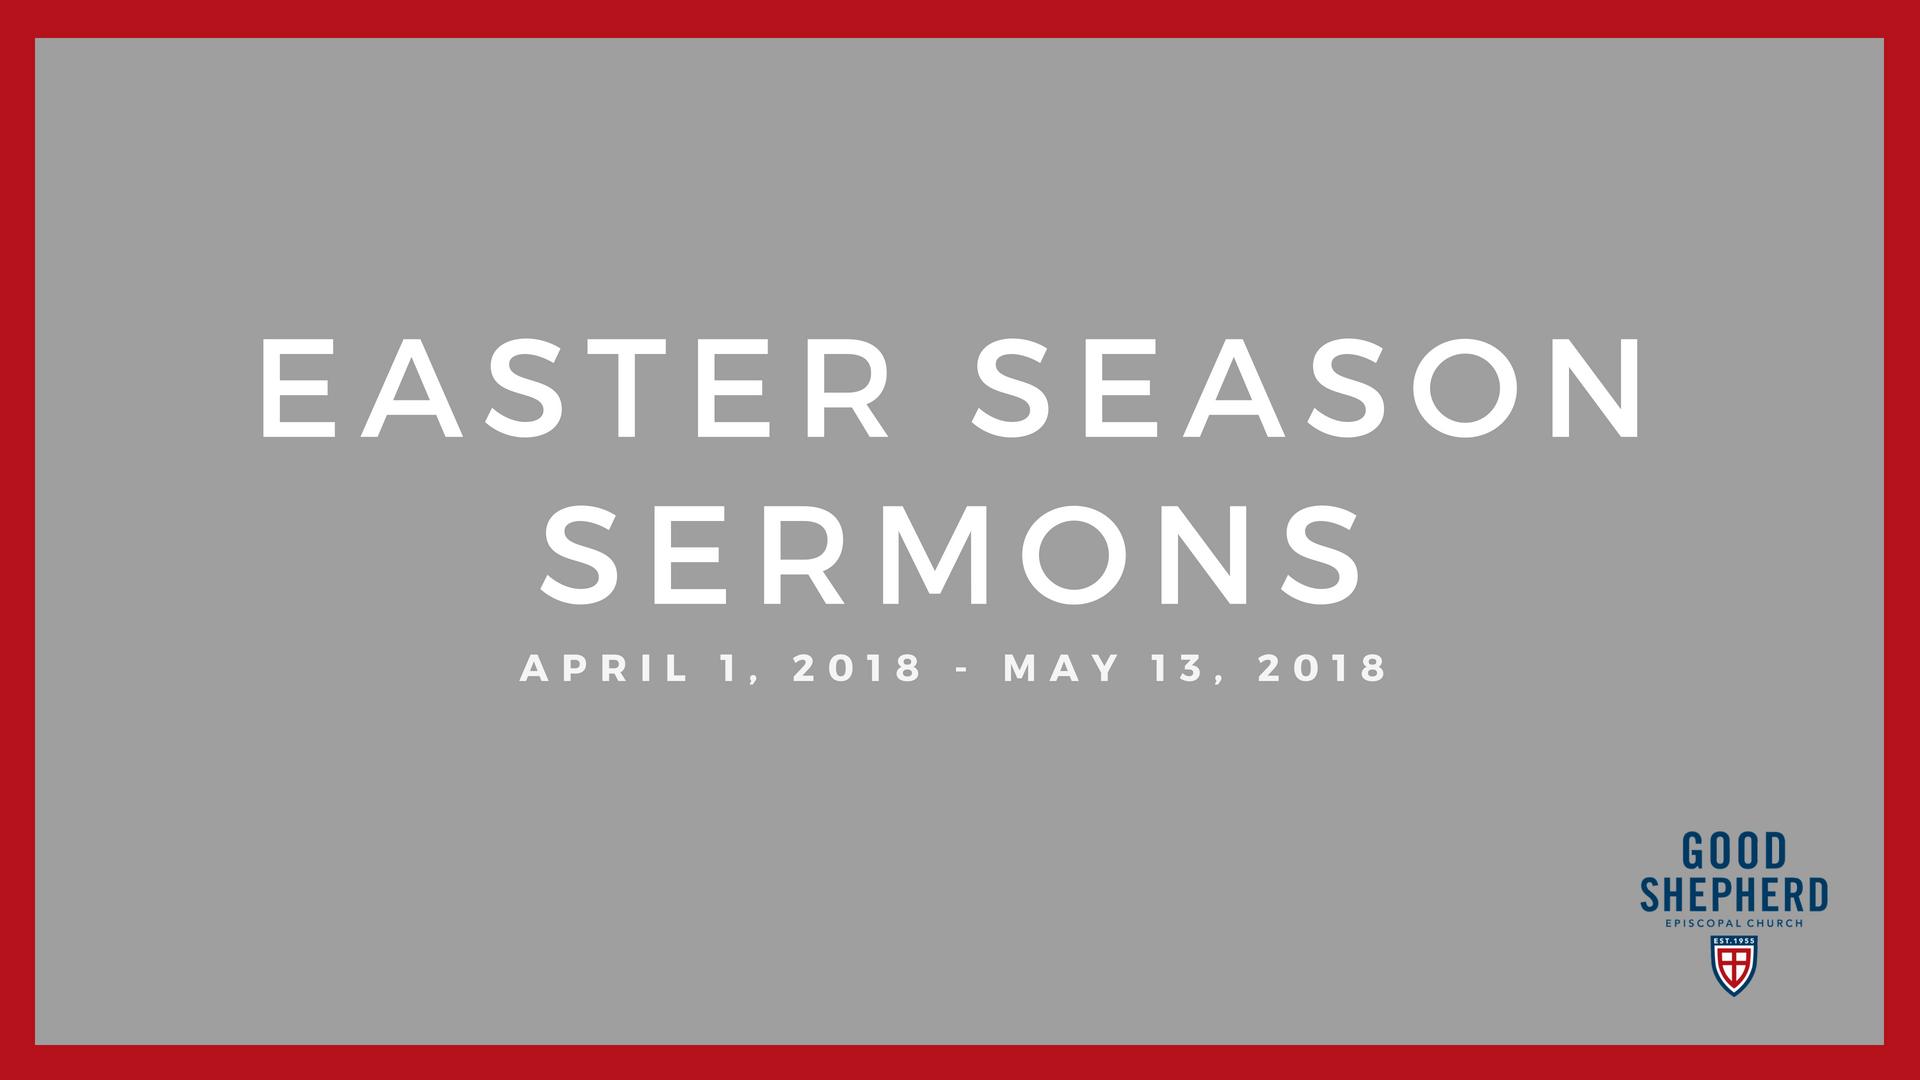 Easter Season Sermons 2018